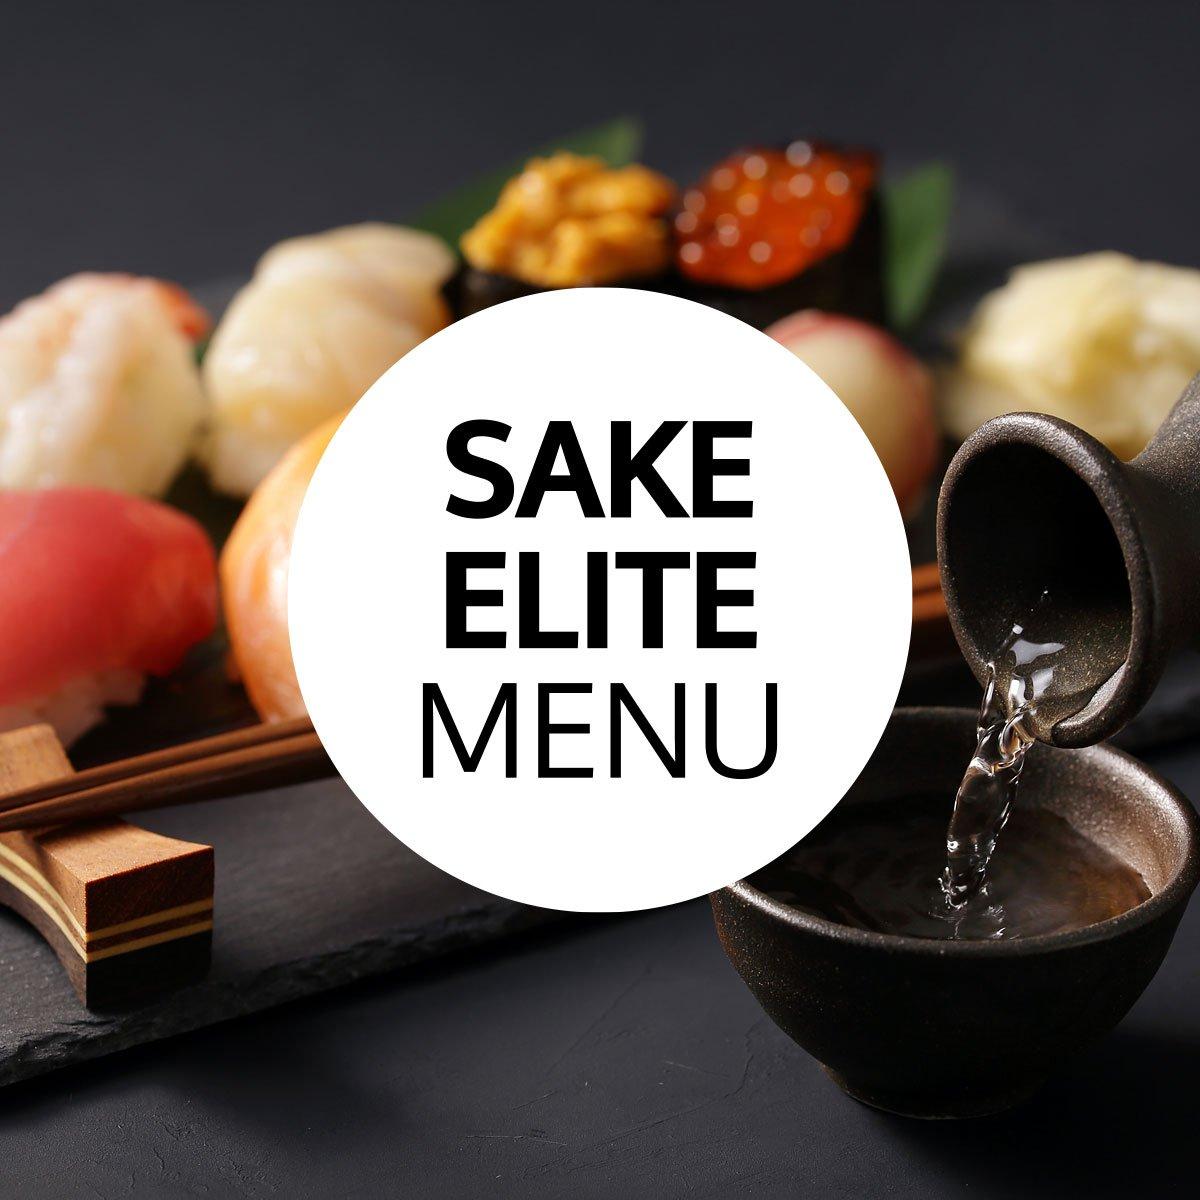 Sake Elite Menu